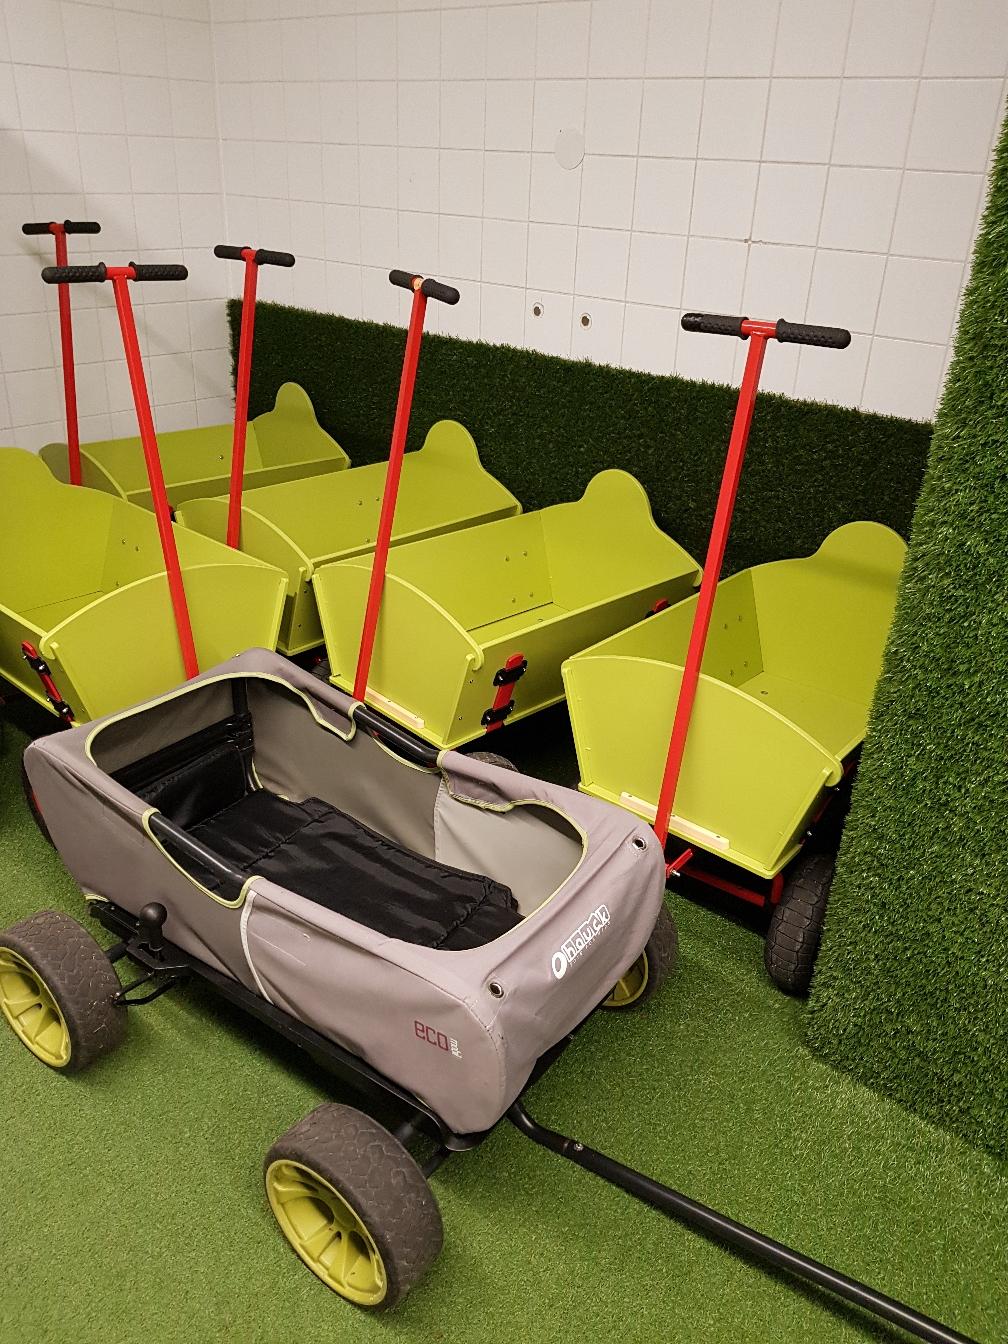 Fuhrpark: Bollerwagen, Buggy, Kinderwagen, Tragehilfe. Alles da!